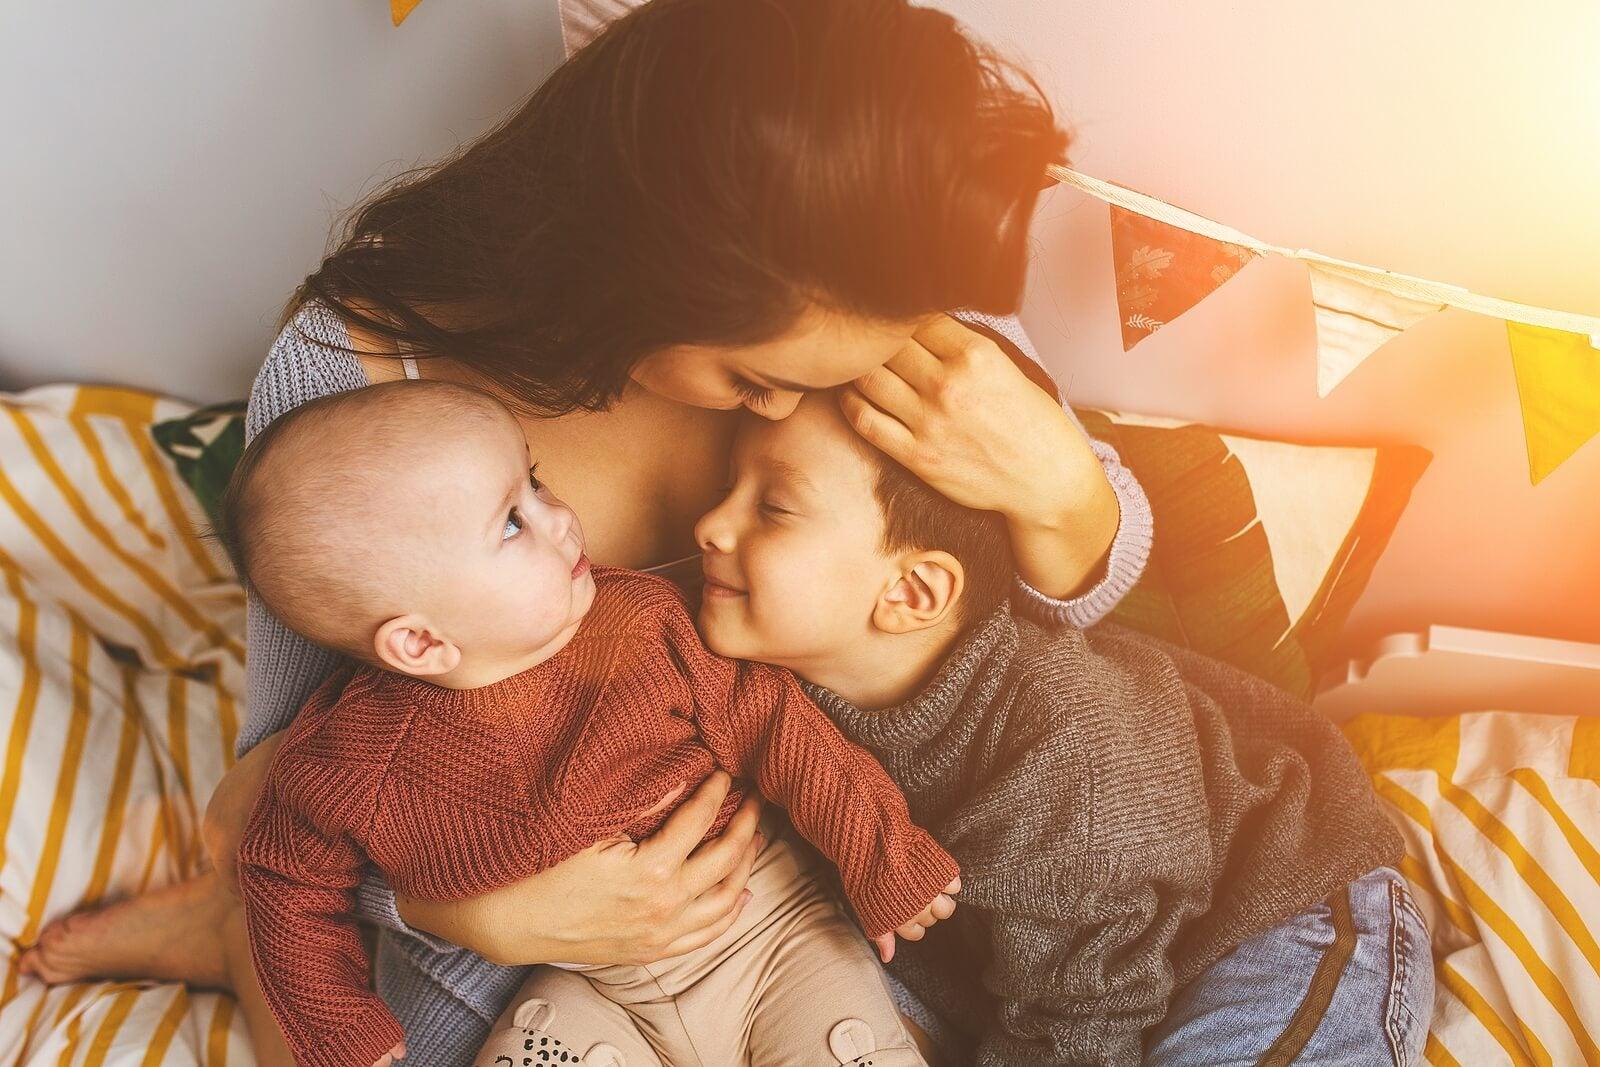 Madre dando besos y abrazos a sus hijos.